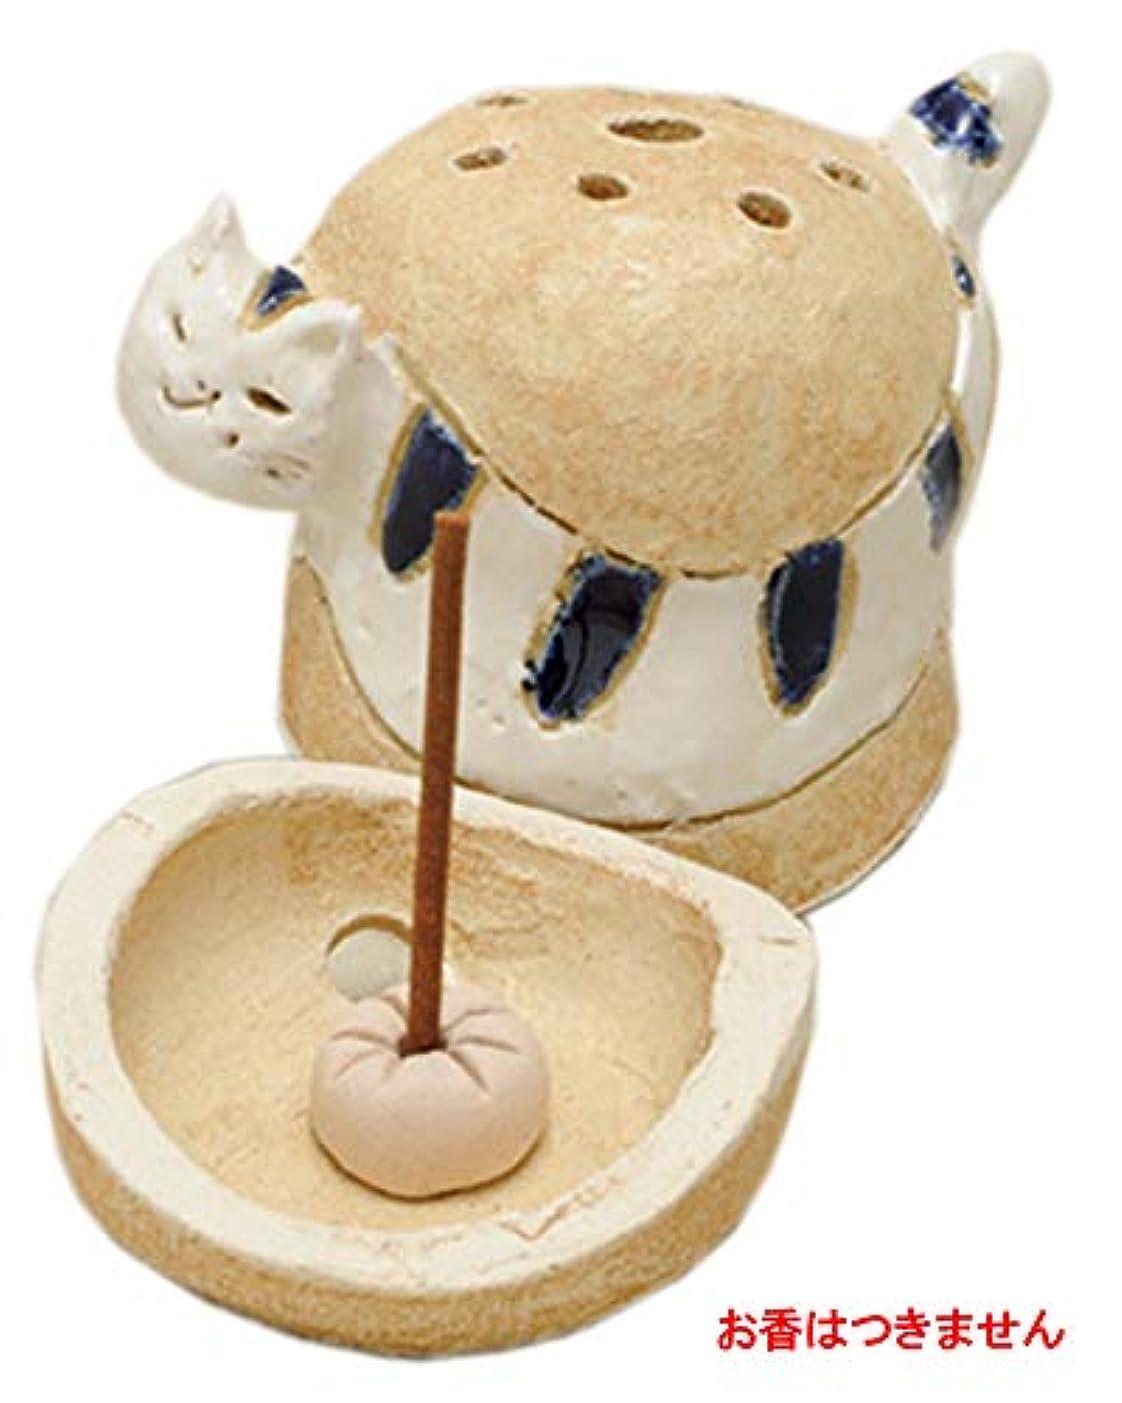 ロッドラベンダー姿を消す島ねこ 島しまネコ 香炉(青) [R5.5xH8cm] HANDMADE プレゼント ギフト 和食器 かわいい インテリア